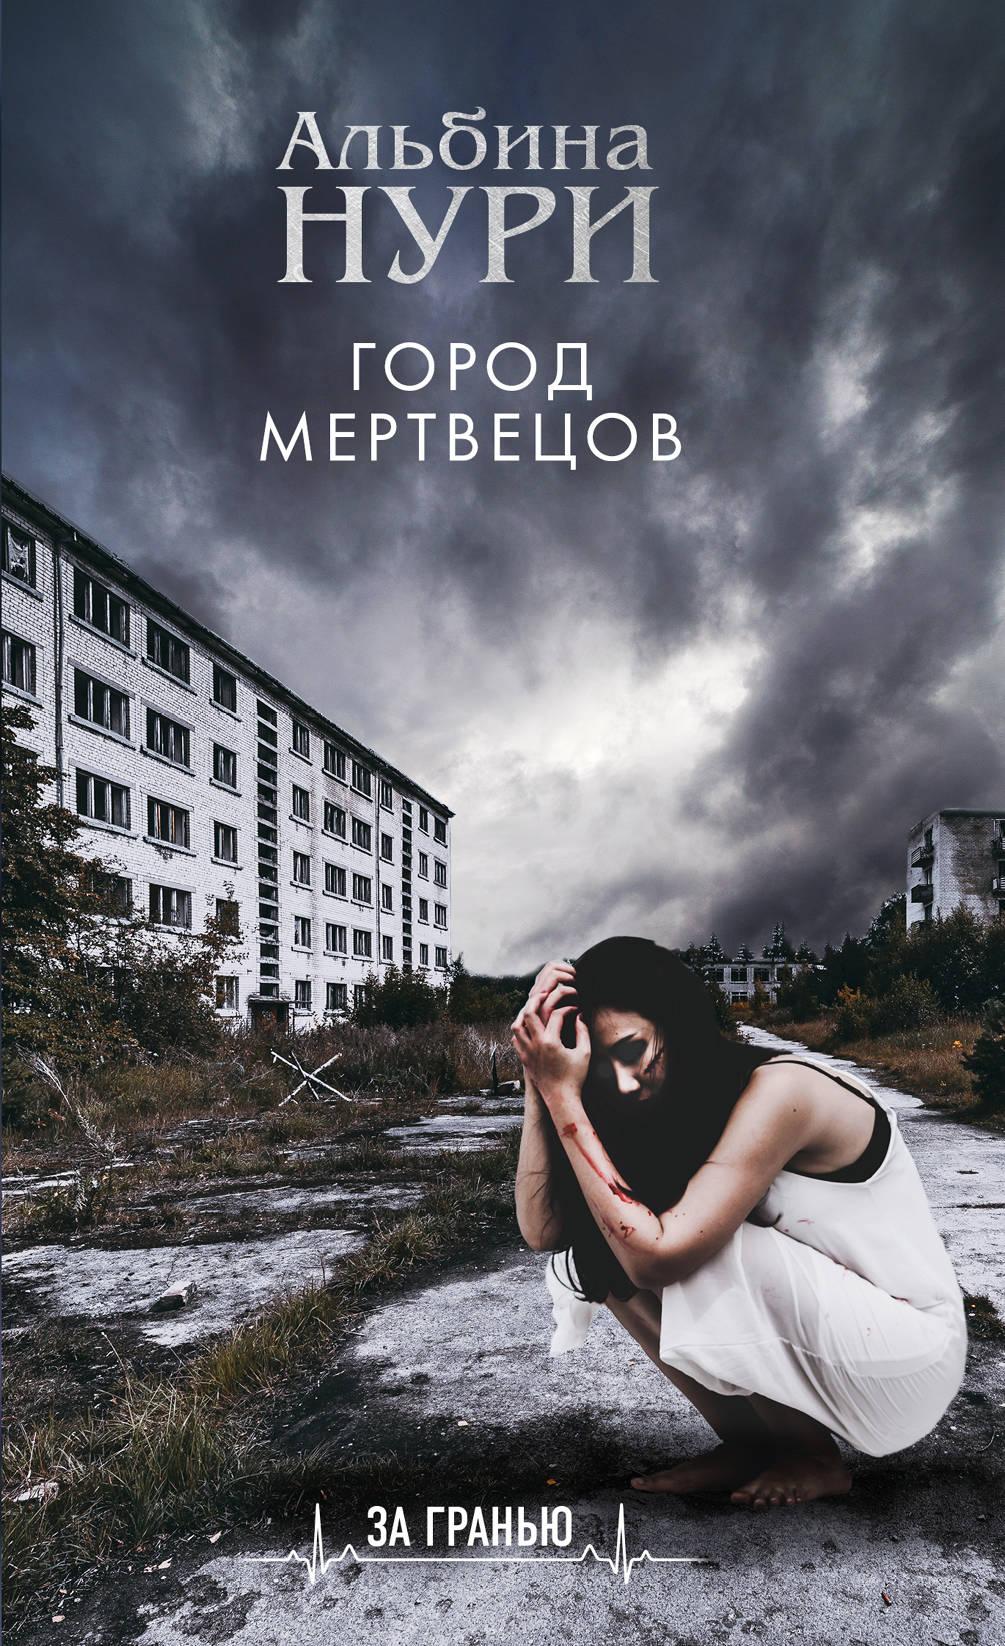 Gorod mertvetsov